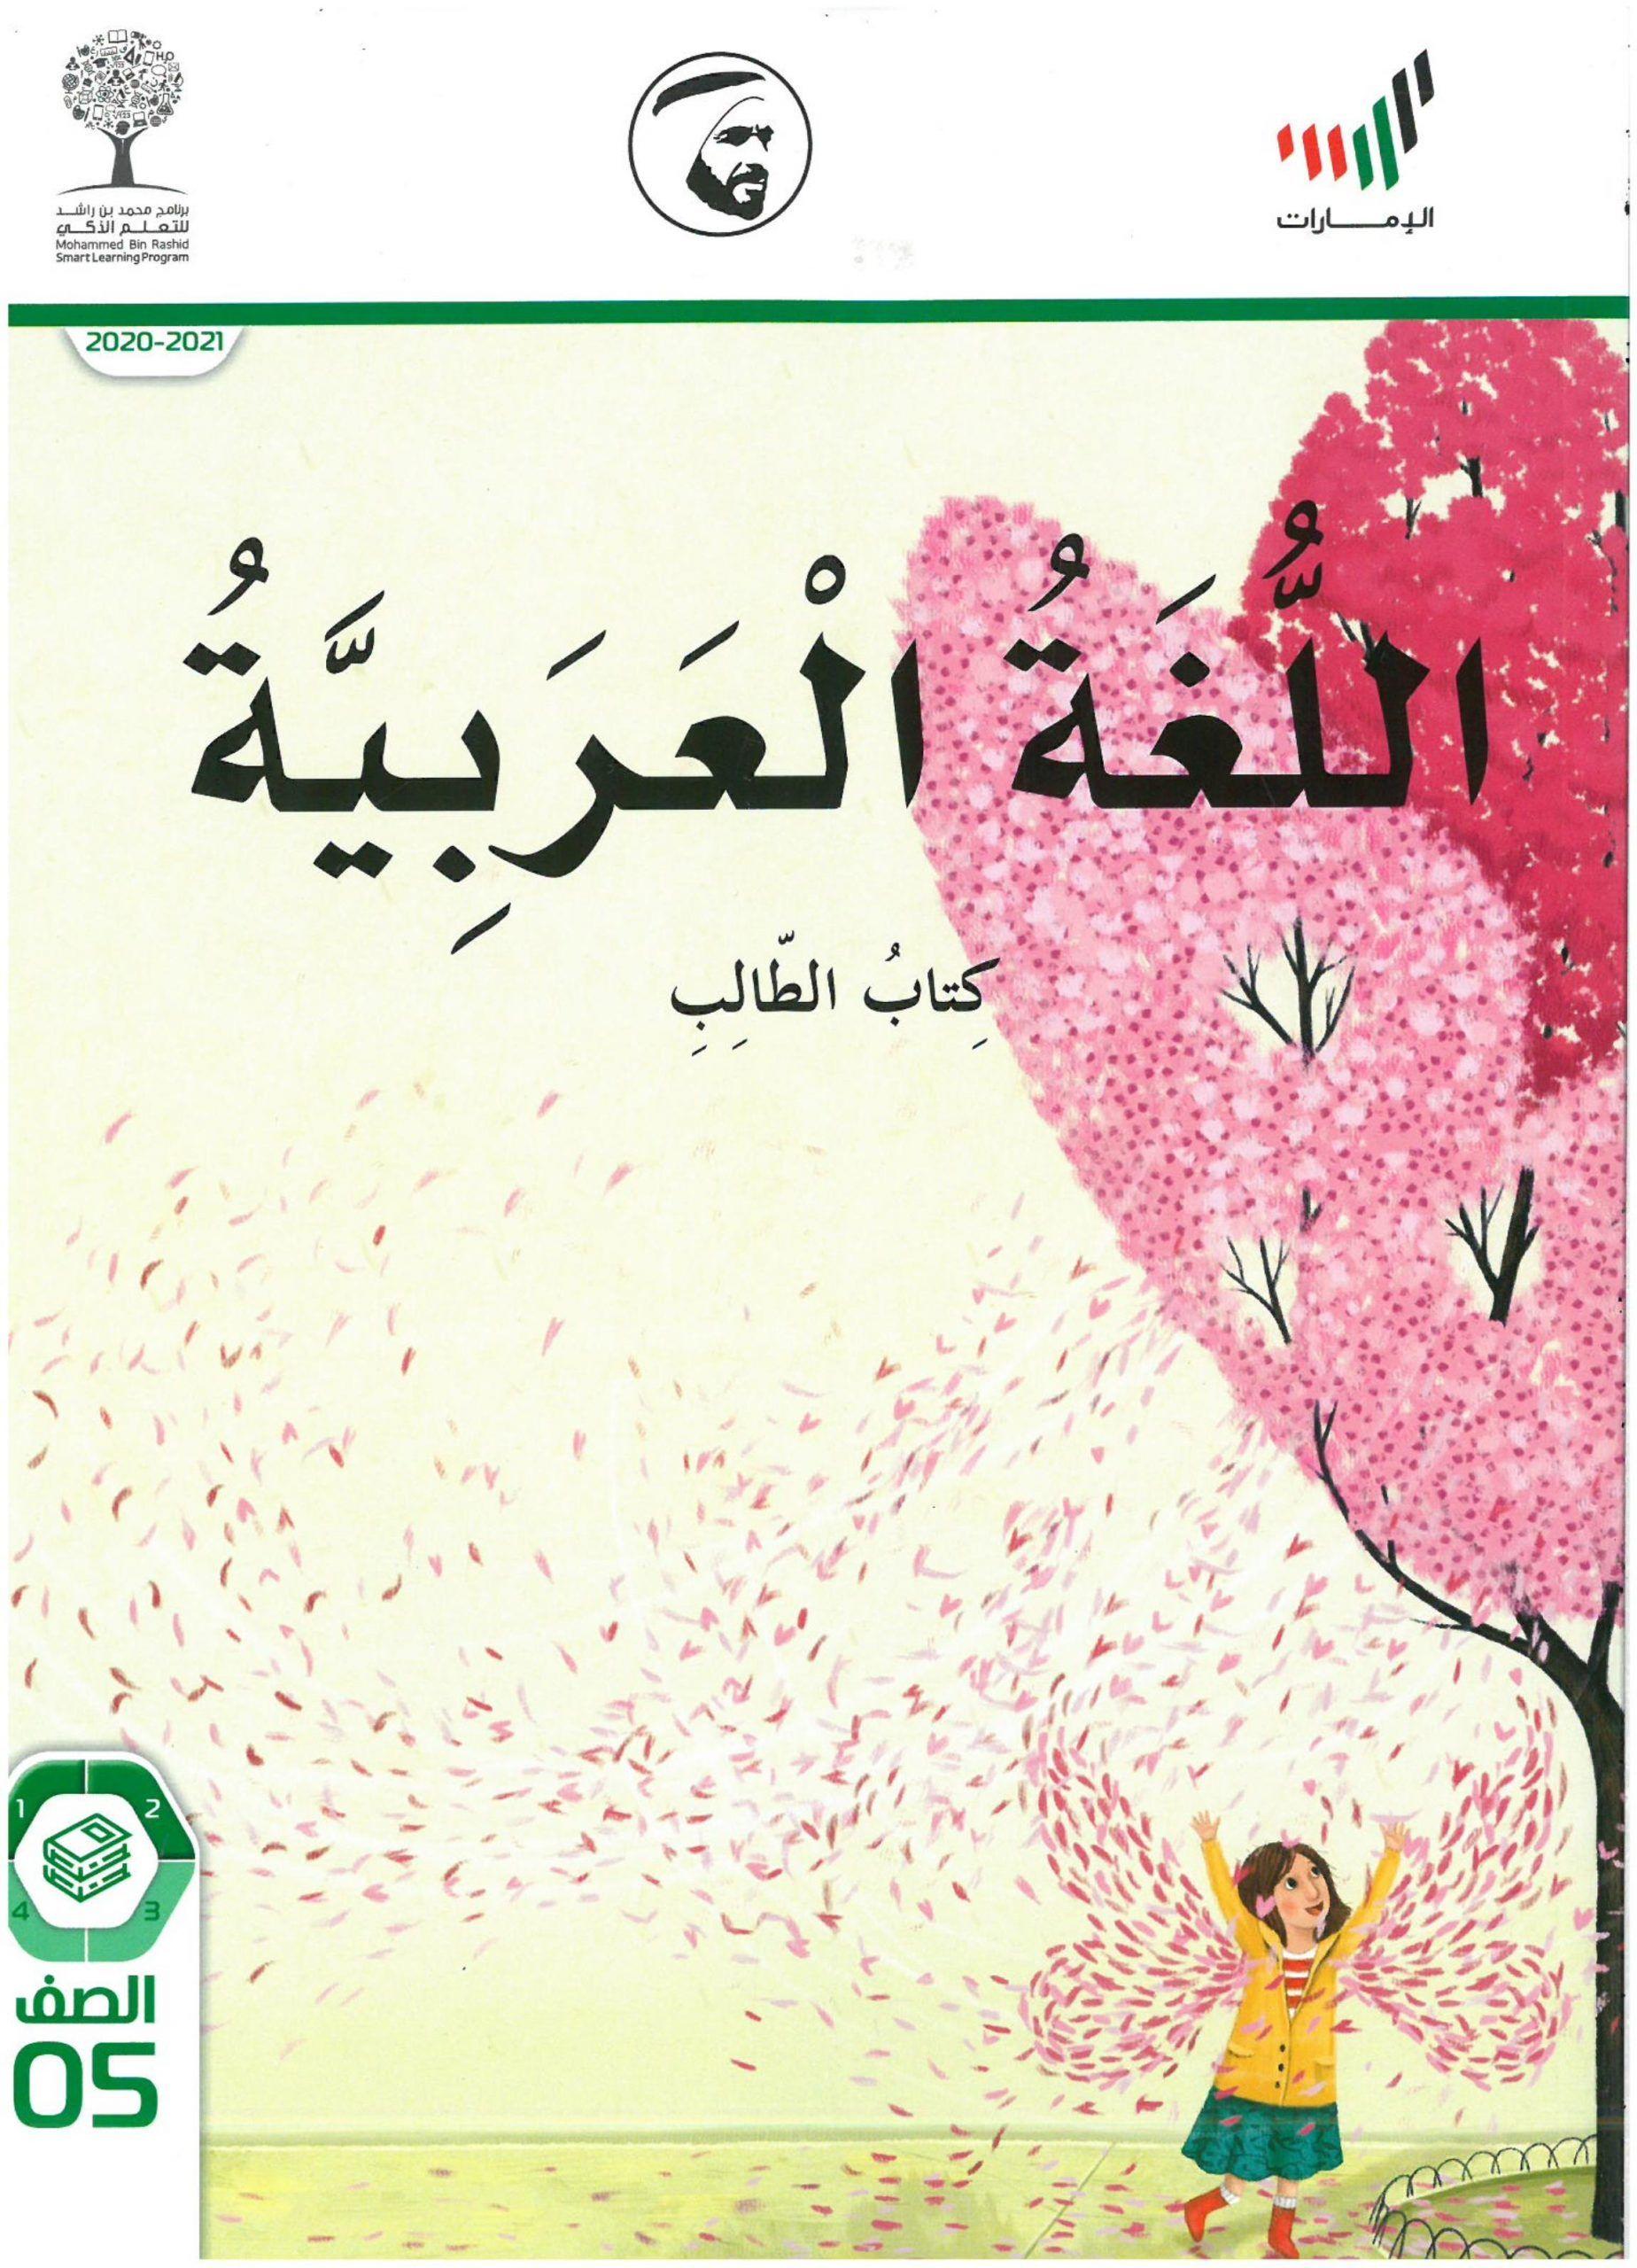 كتاب الطالب الفصل الدراسي الاول 2020 2021 للصف الخامس مادة اللغة العربية Book Activities Activities School